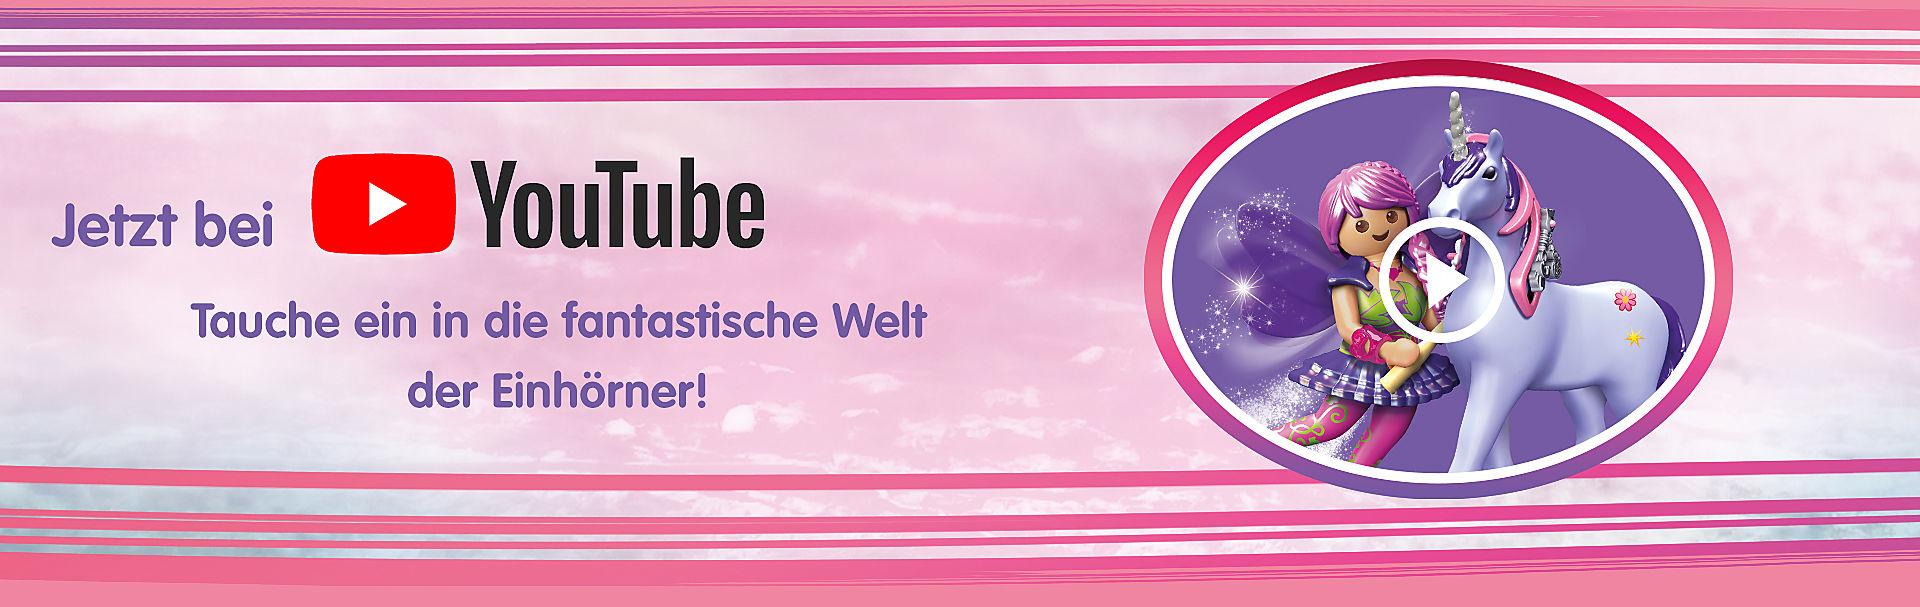 Einhornwochen YouTube